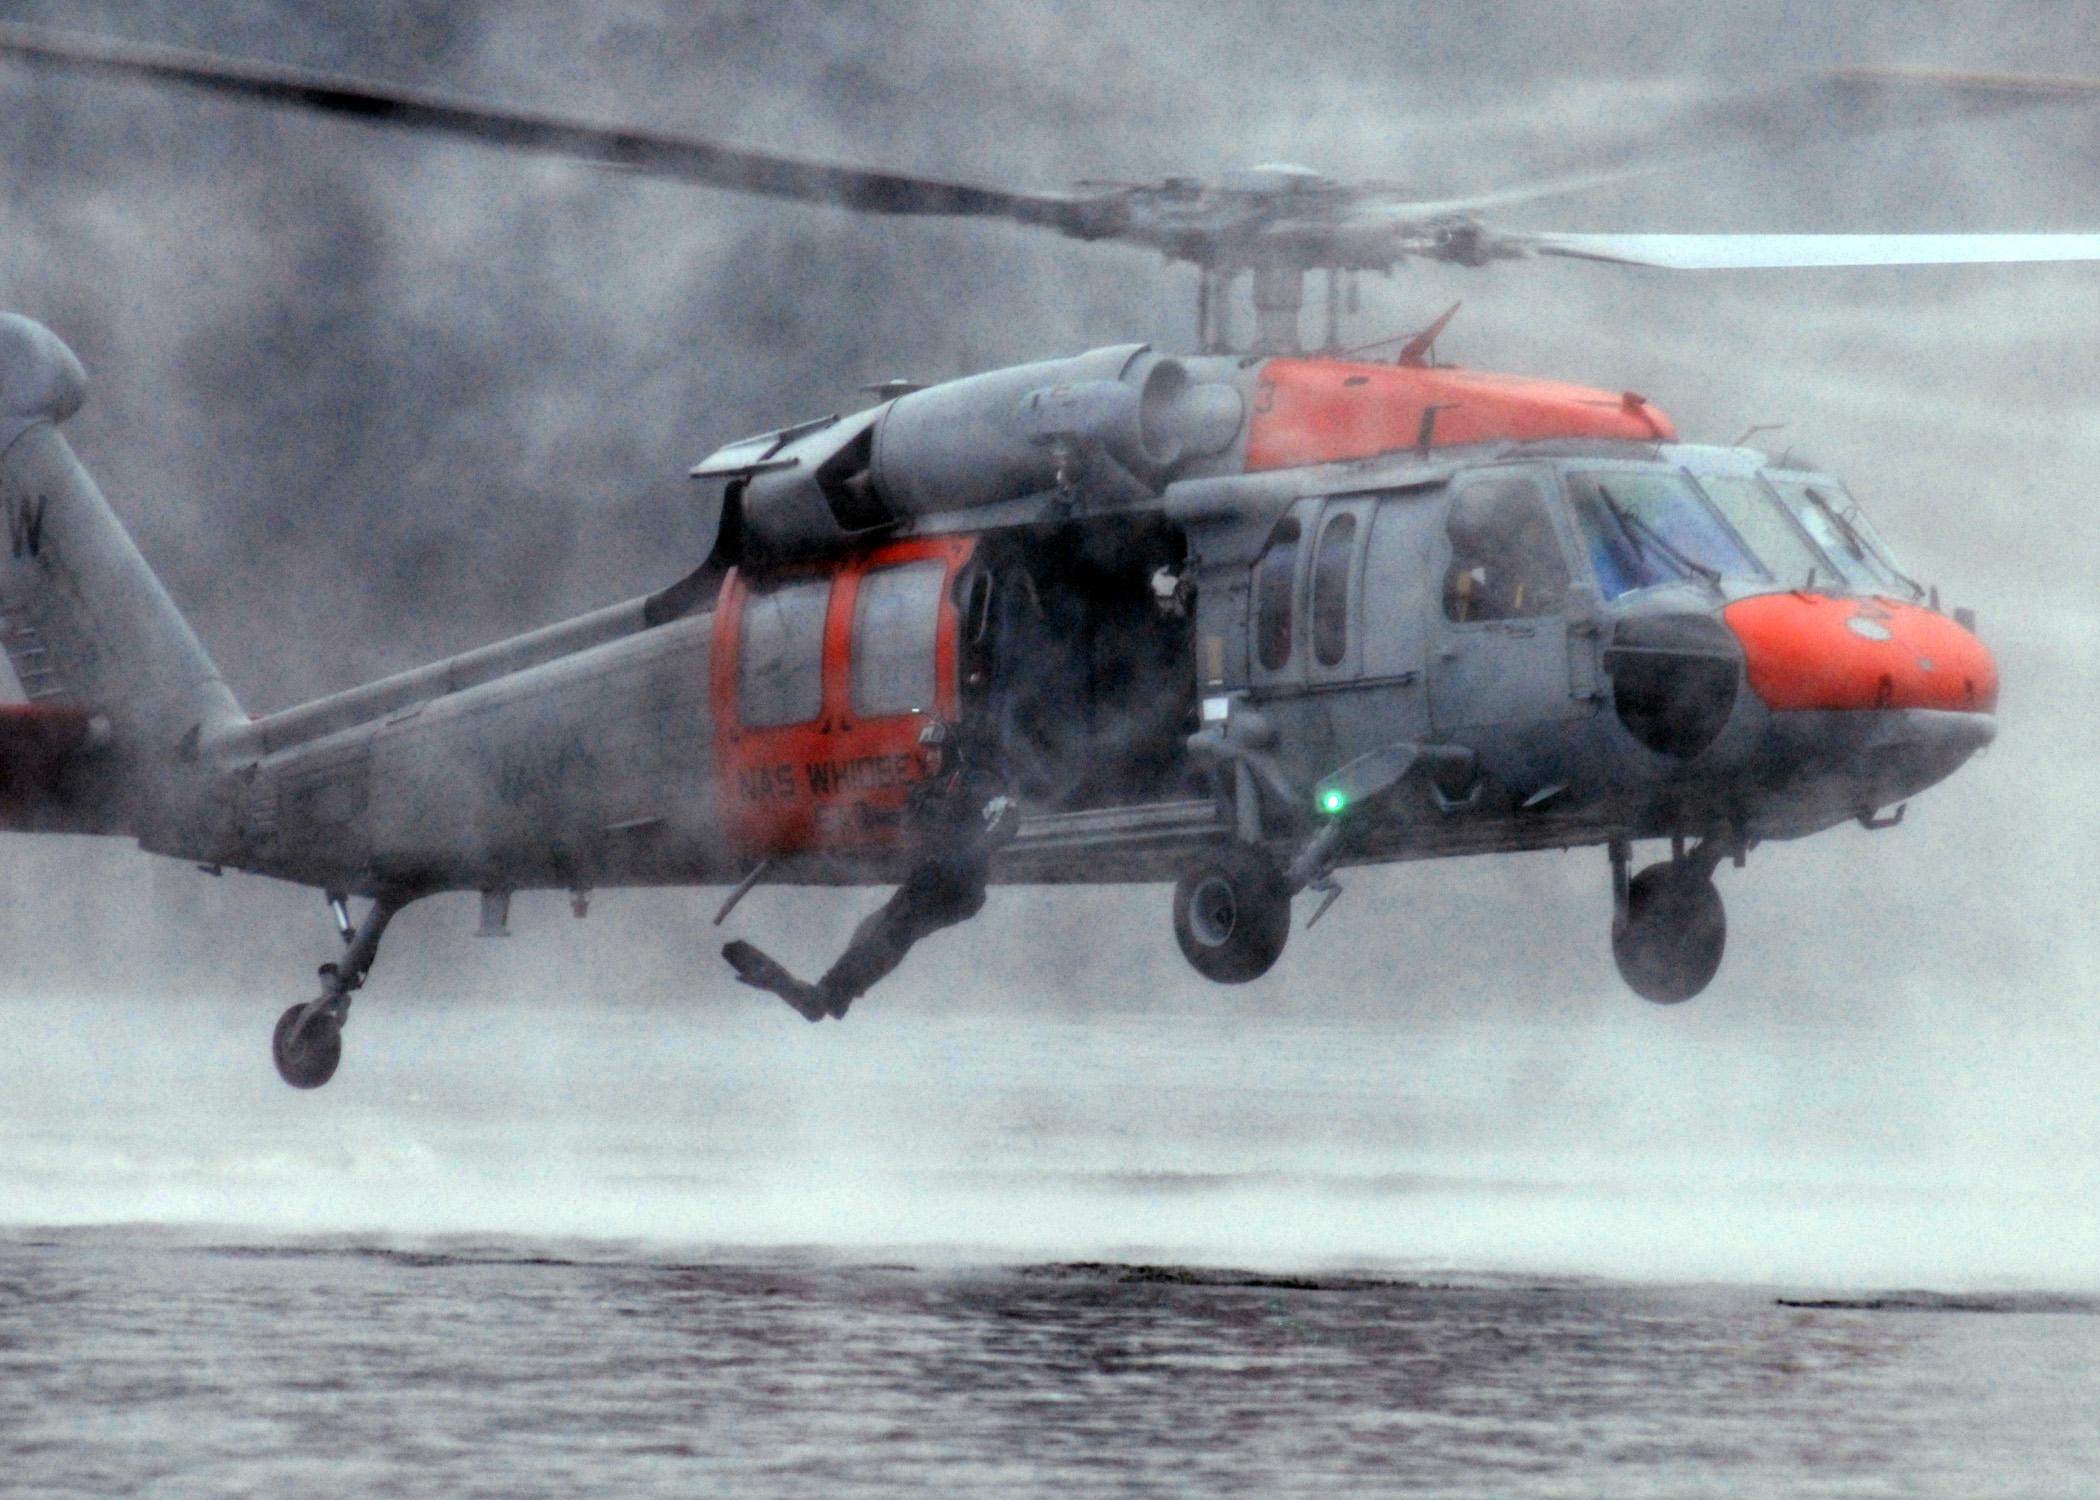 790 Naval Air Squadron